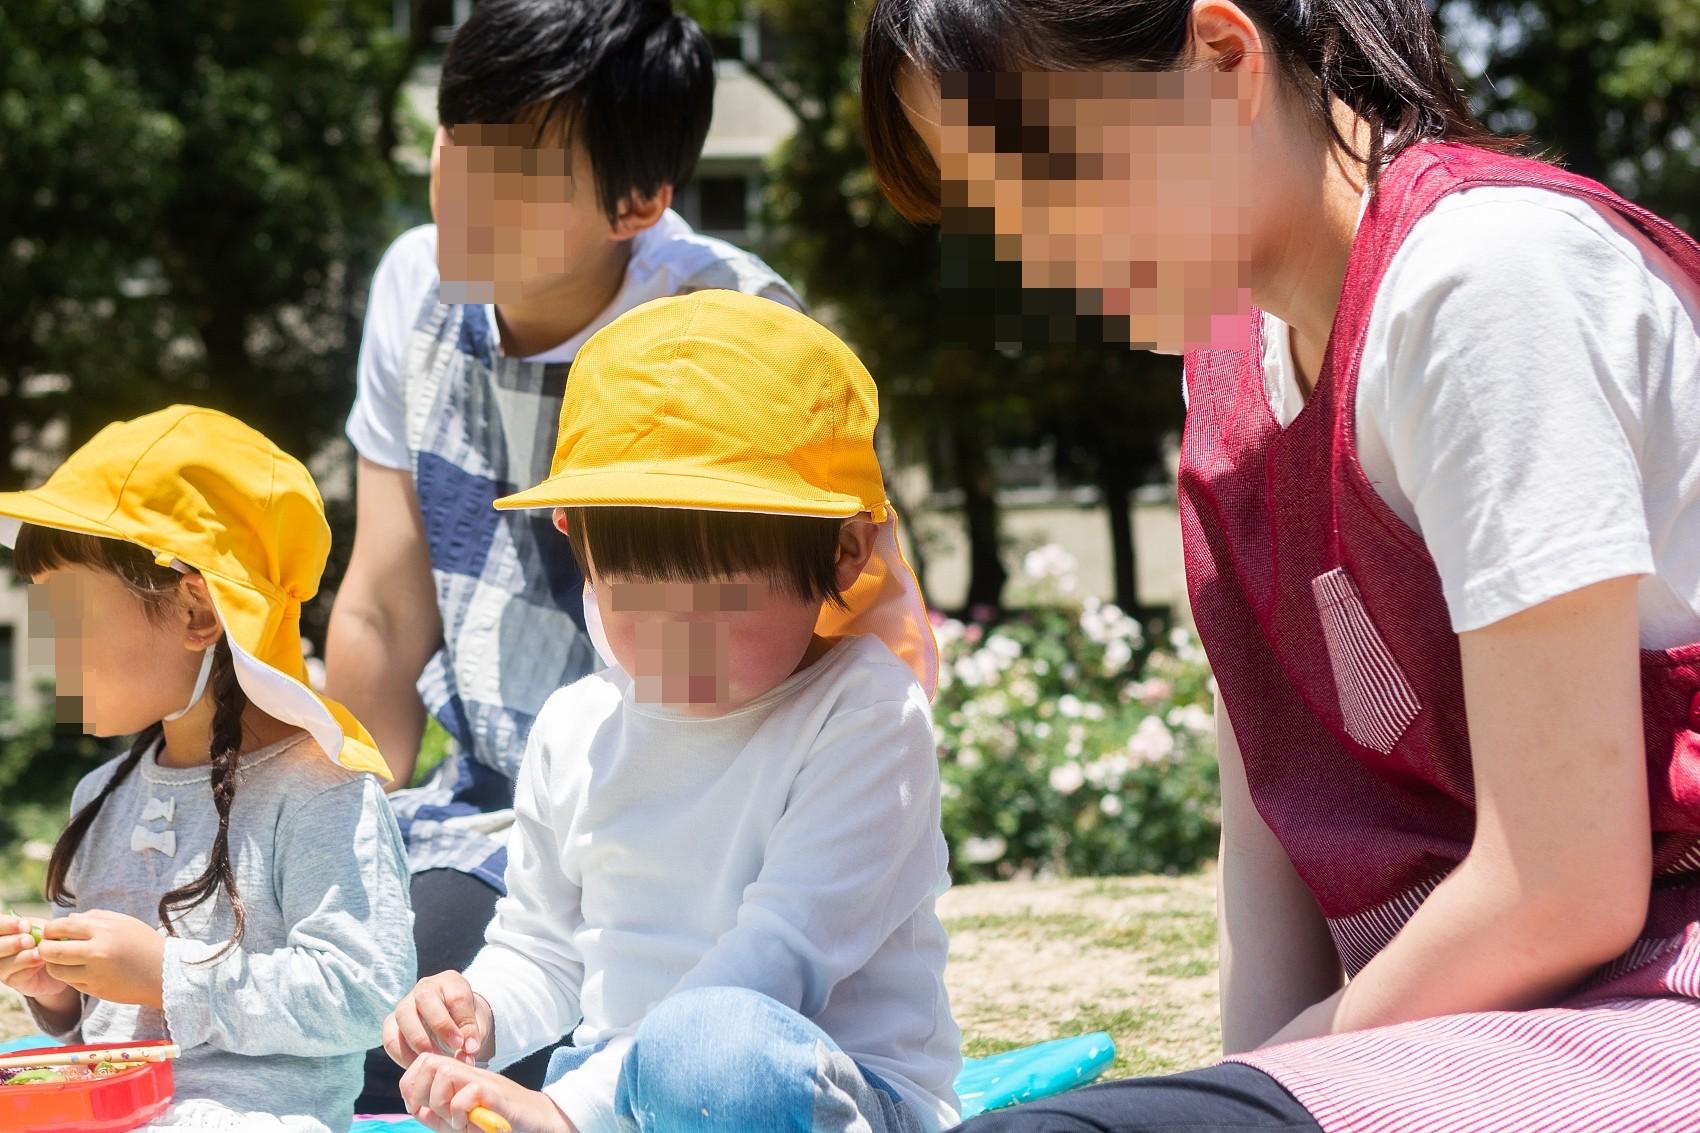 ▲▼日本傳出一名幼稚園學童被活活熱死在娃娃車的悲劇。(示意圖,非當事者/CFP)